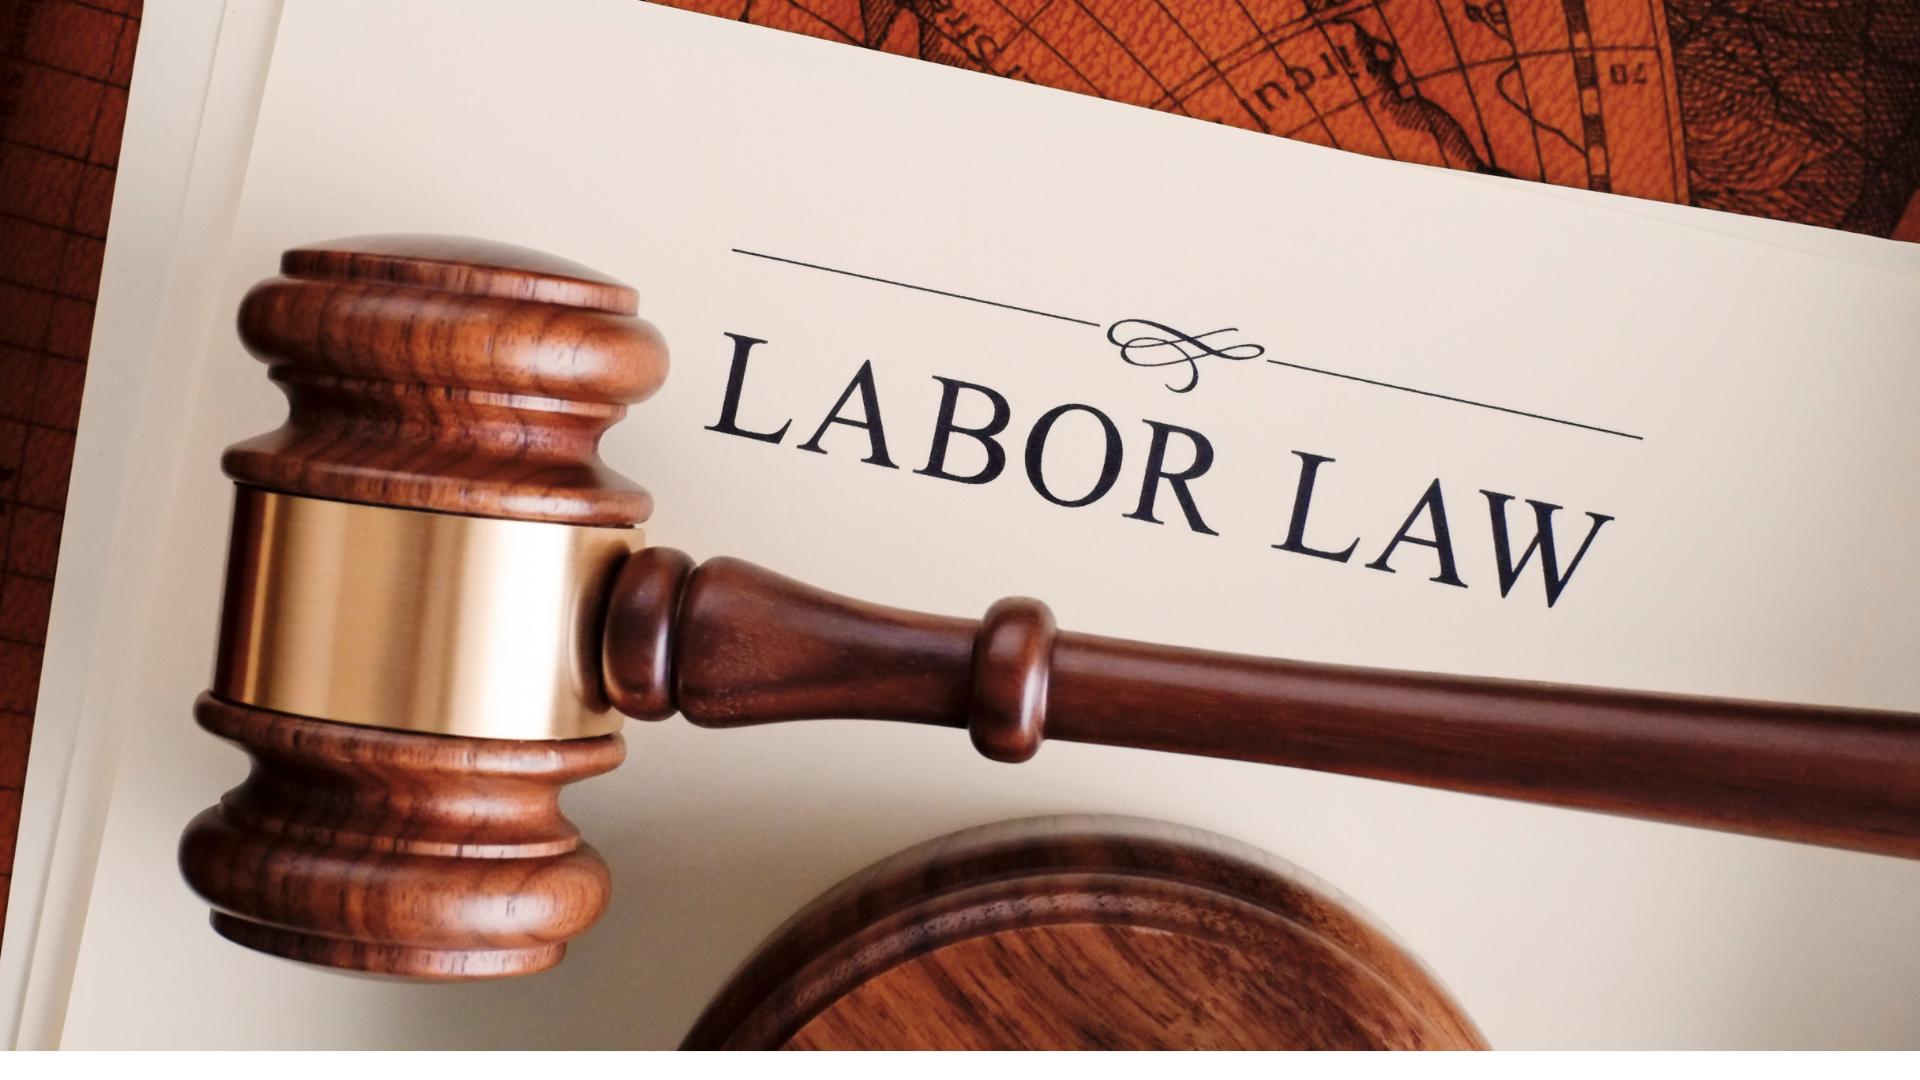 Na imagem contém um martelo que simboliza o direito das leis trabalhistas, para ilustrar o novo visto de proteção à exploração de migrantes na nova zelândia